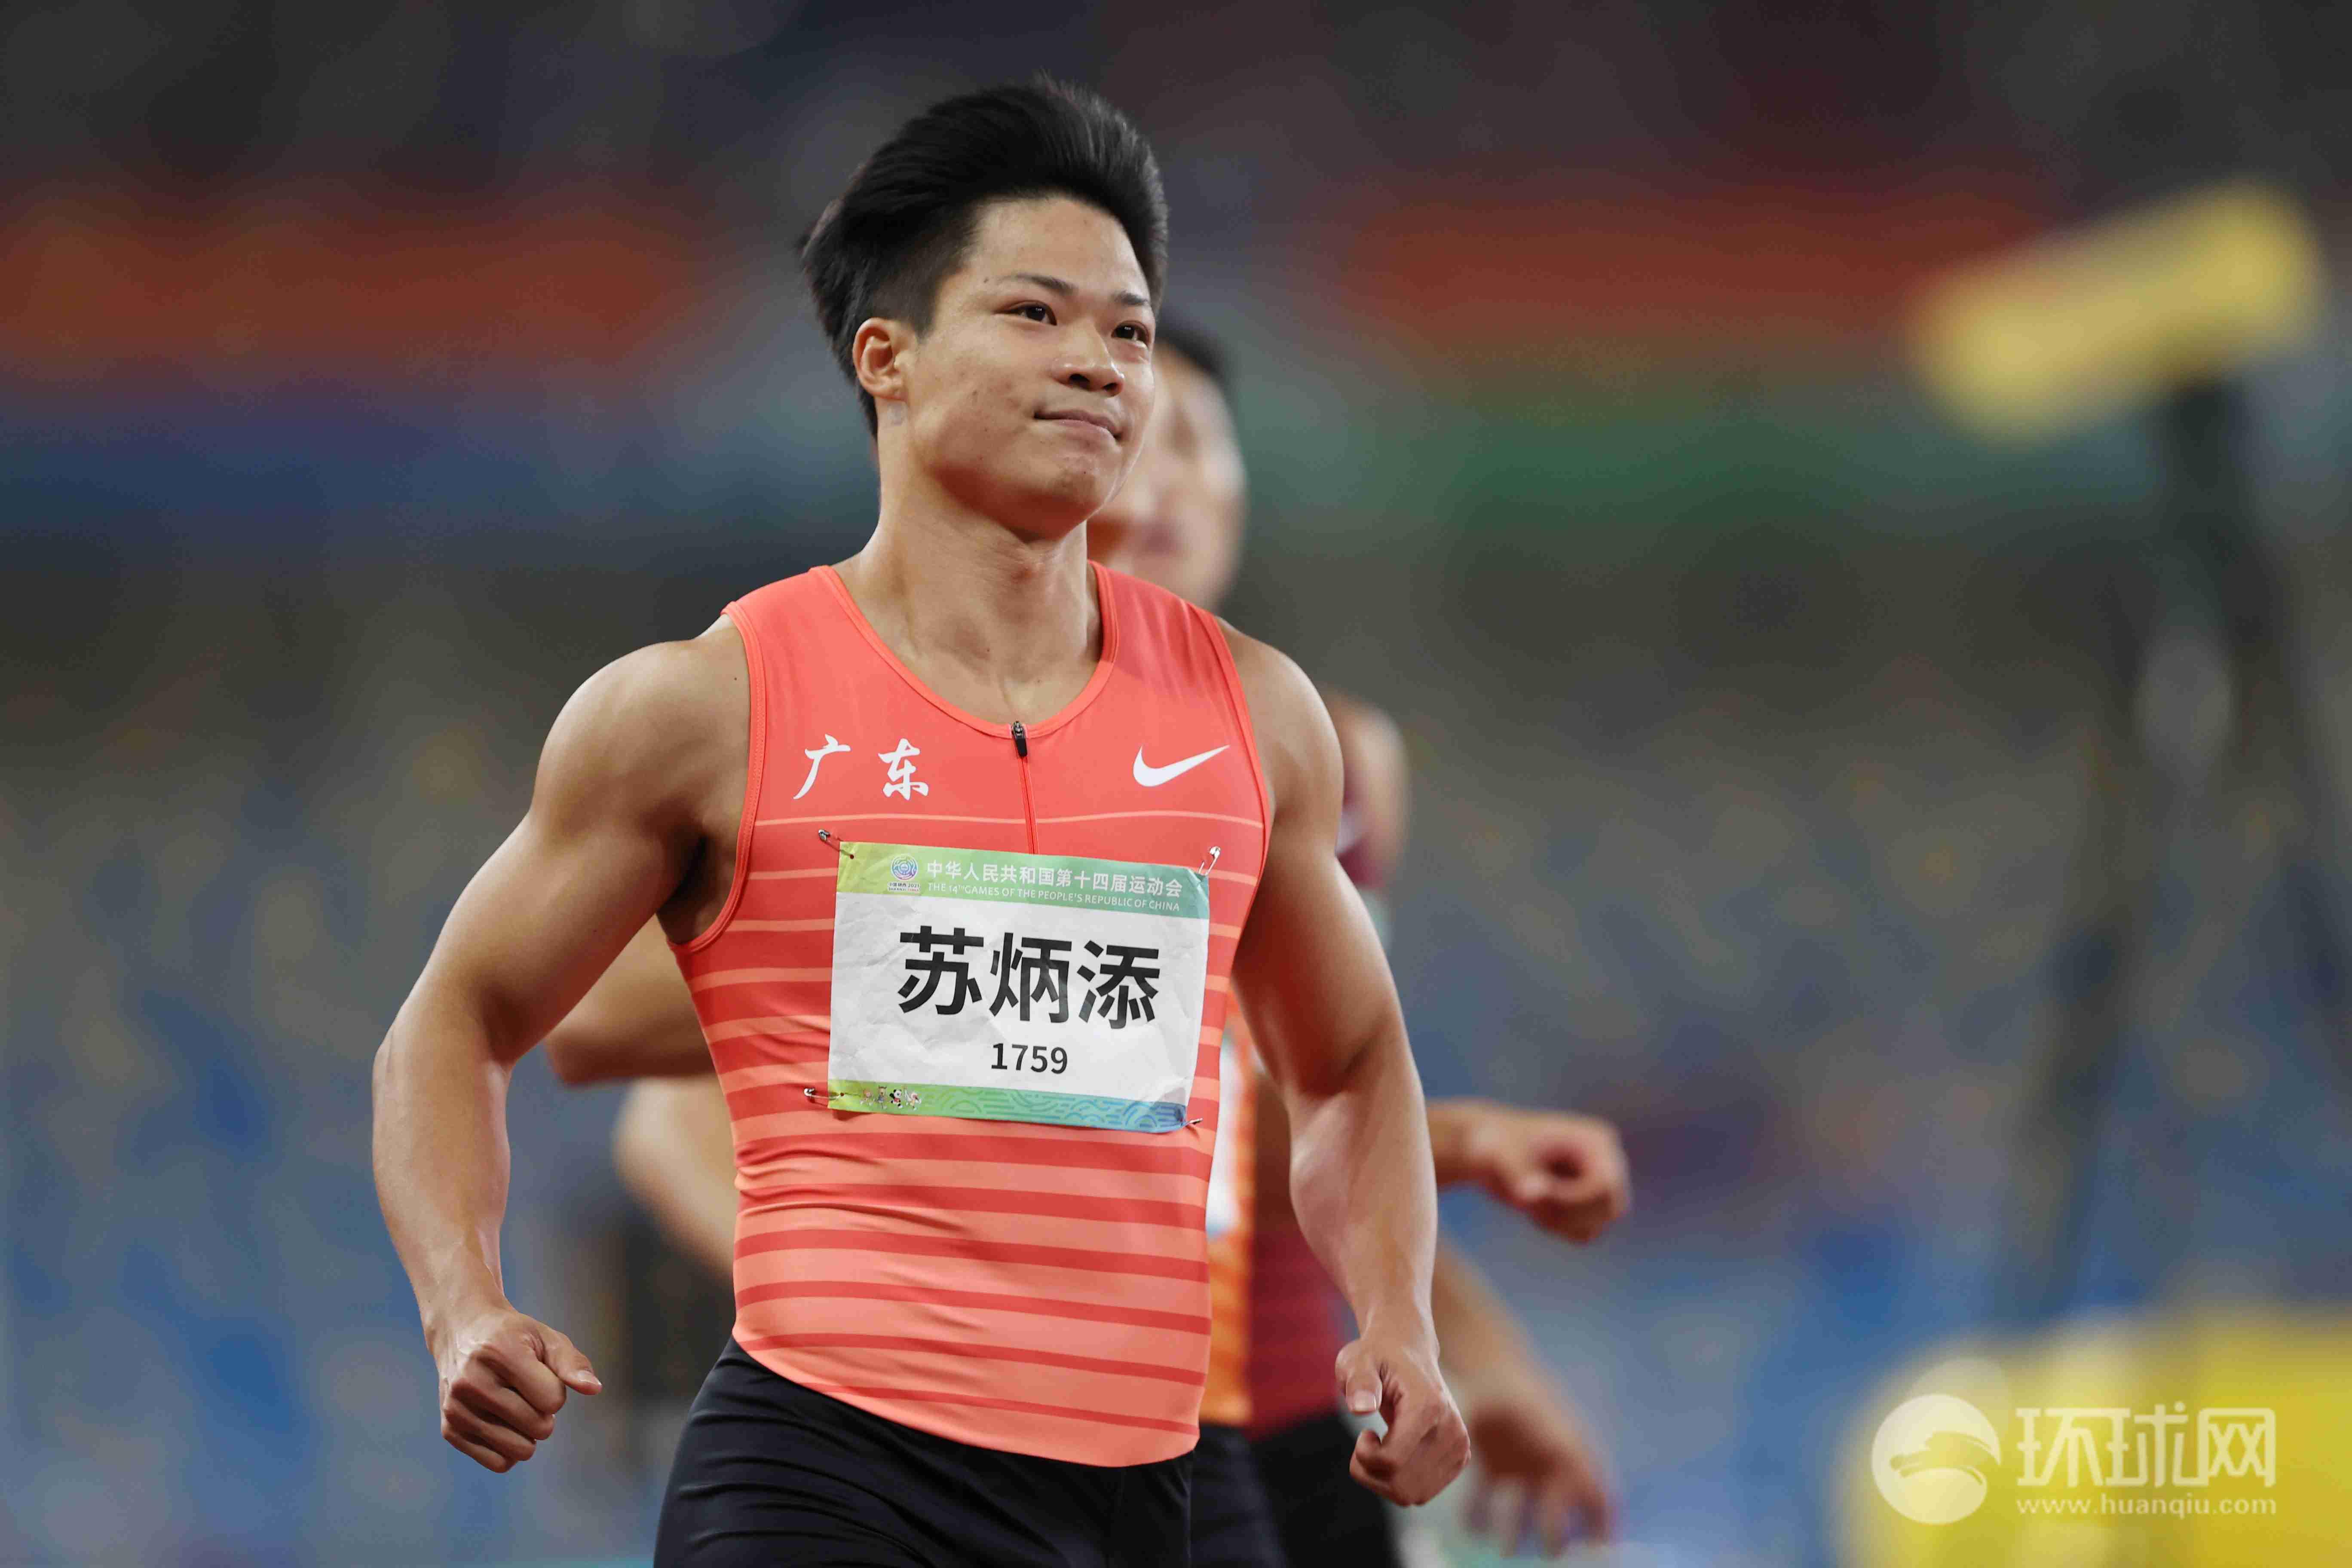 【图集】9秒95!苏炳添夺全运会男子100米冠军